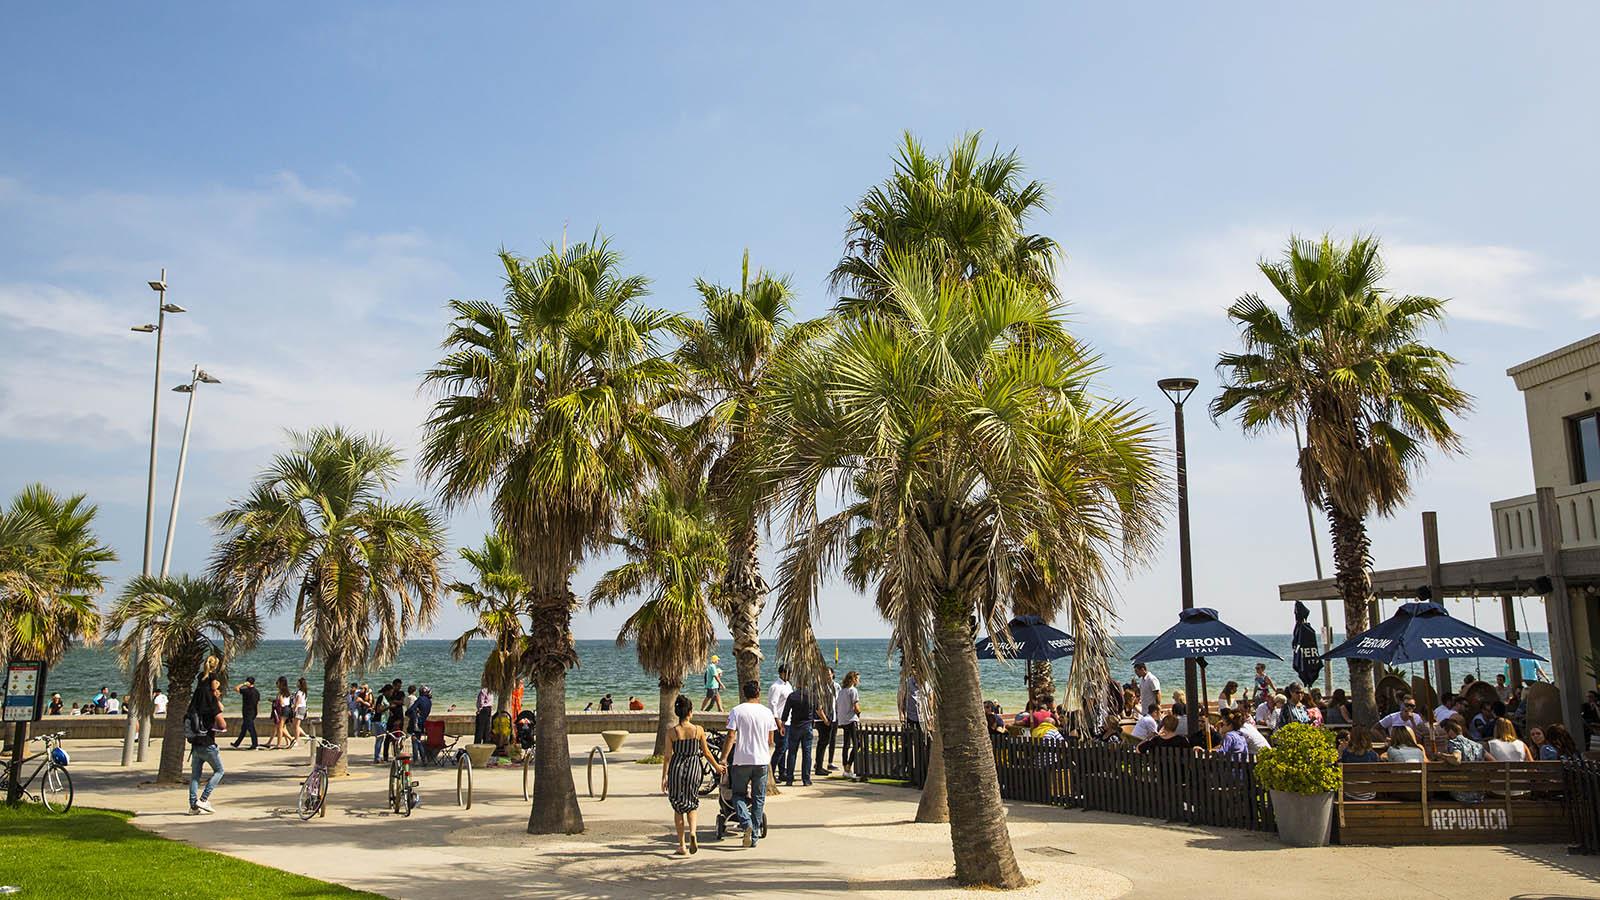 st-kilda-beach_mel_r_132611_1600x900.jpg